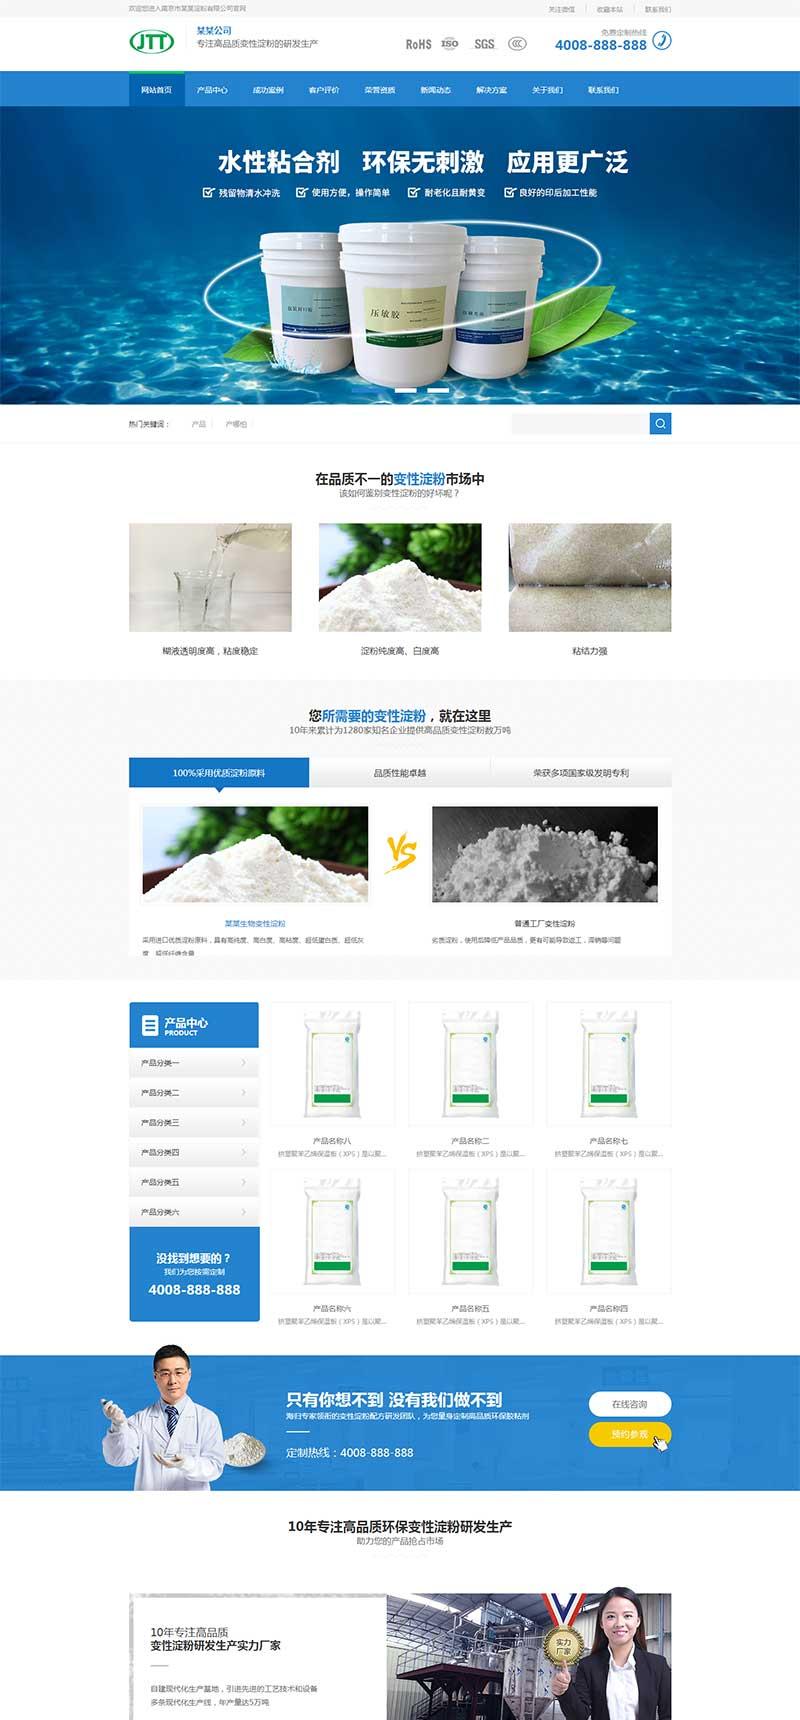 (带手机版数据同步)蓝色营销型淀粉原材料销售网站织梦模板网站源码下载